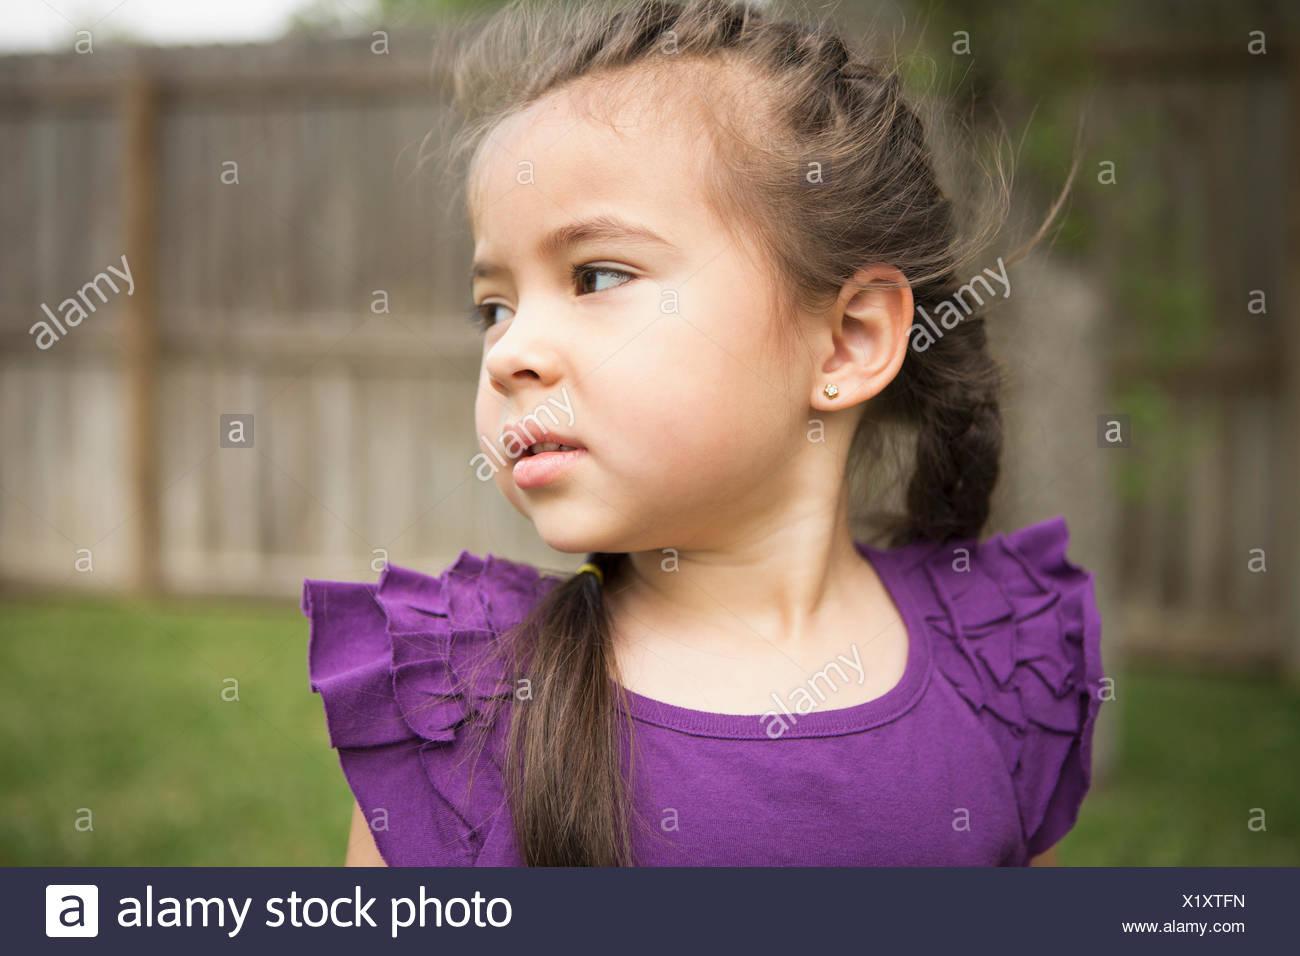 Una giovane ragazza guardando sopra la sua spalla. Immagini Stock